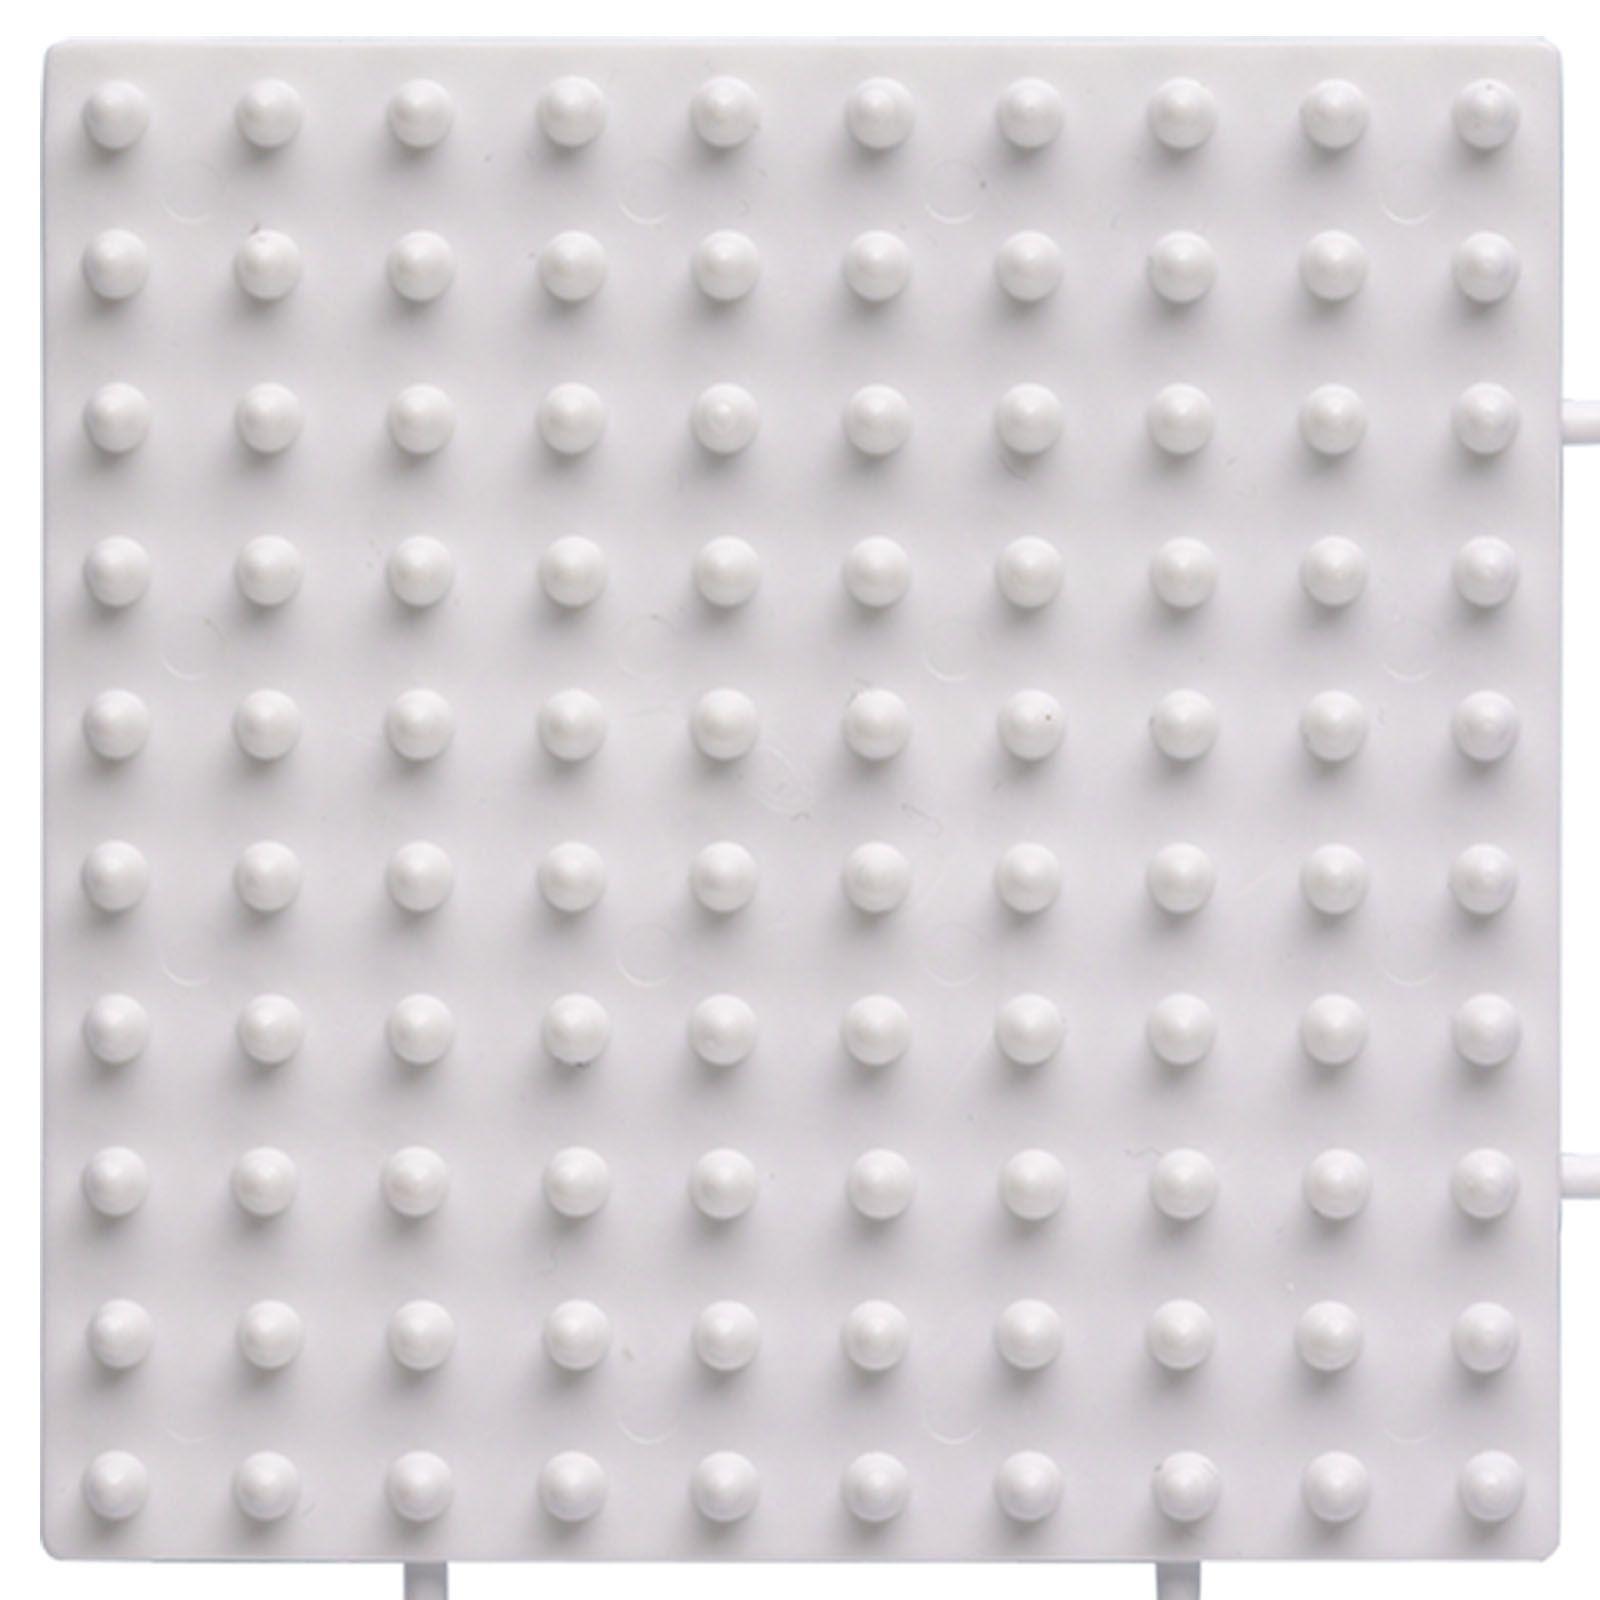 Maxi base pour perles à repasser - Forme carrée